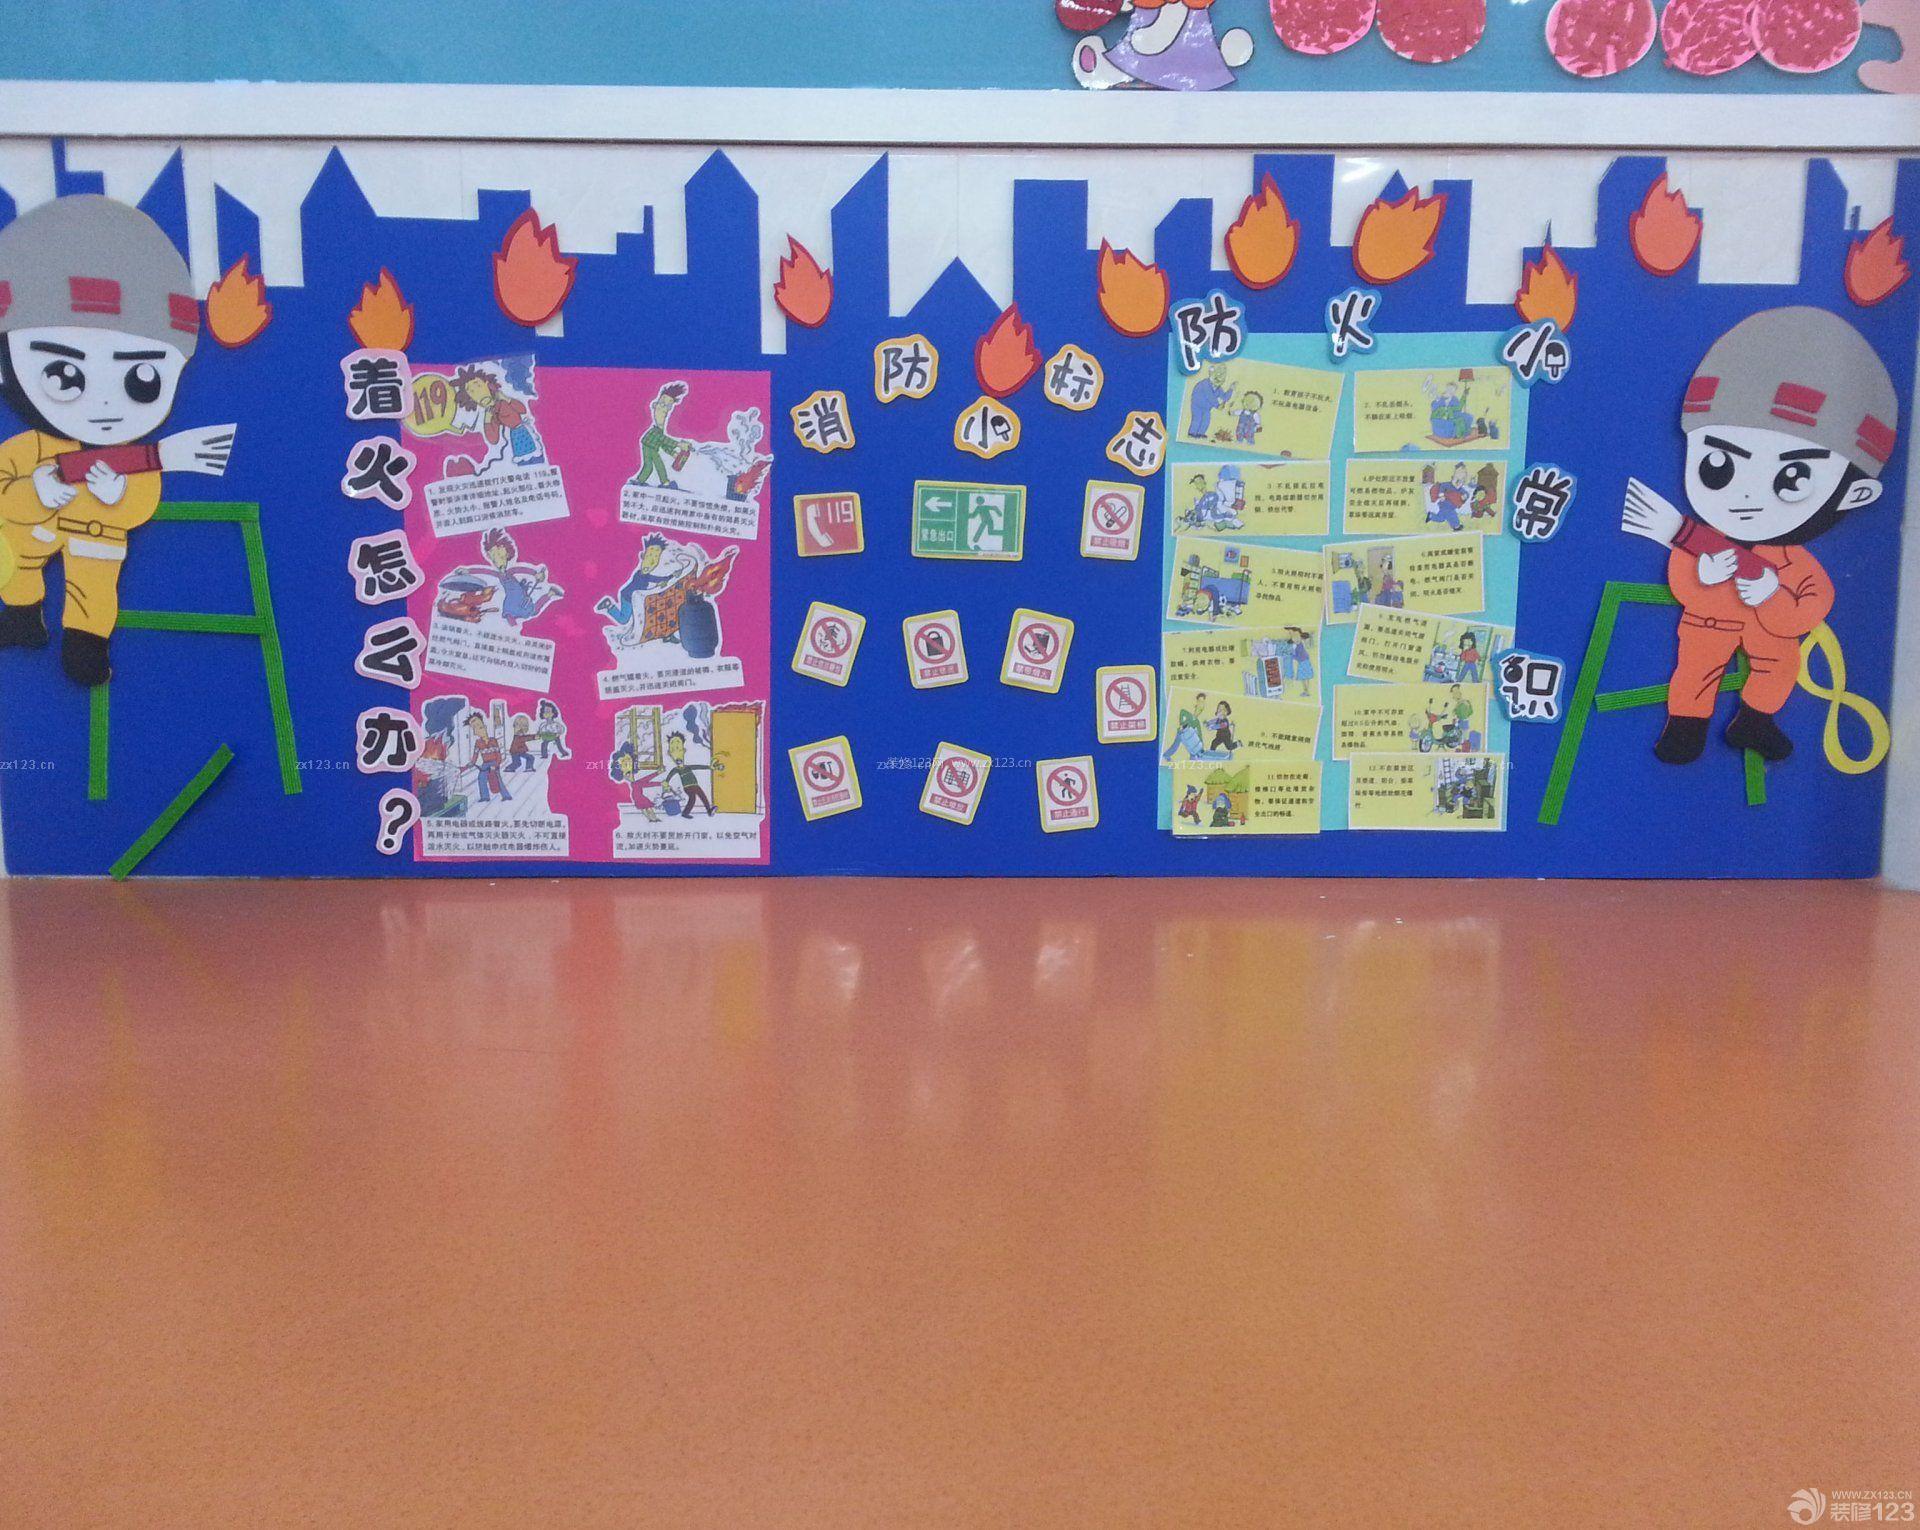 2016最新幼儿园墙面布置图片